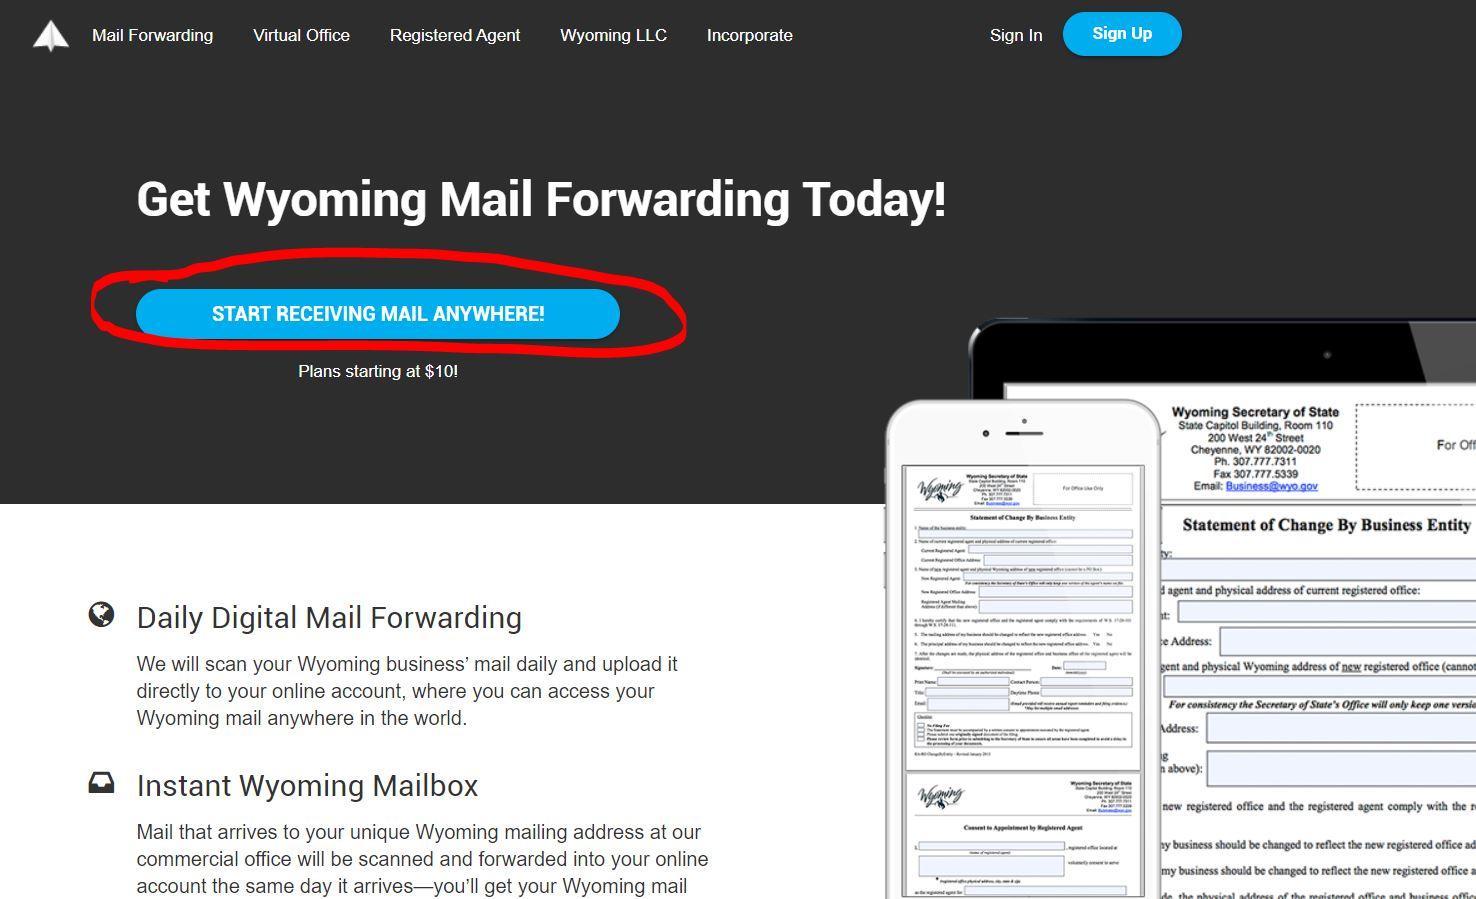 amerikada adres almak 15$'a Wyoming Posta Yönlendirme için Adres Almak